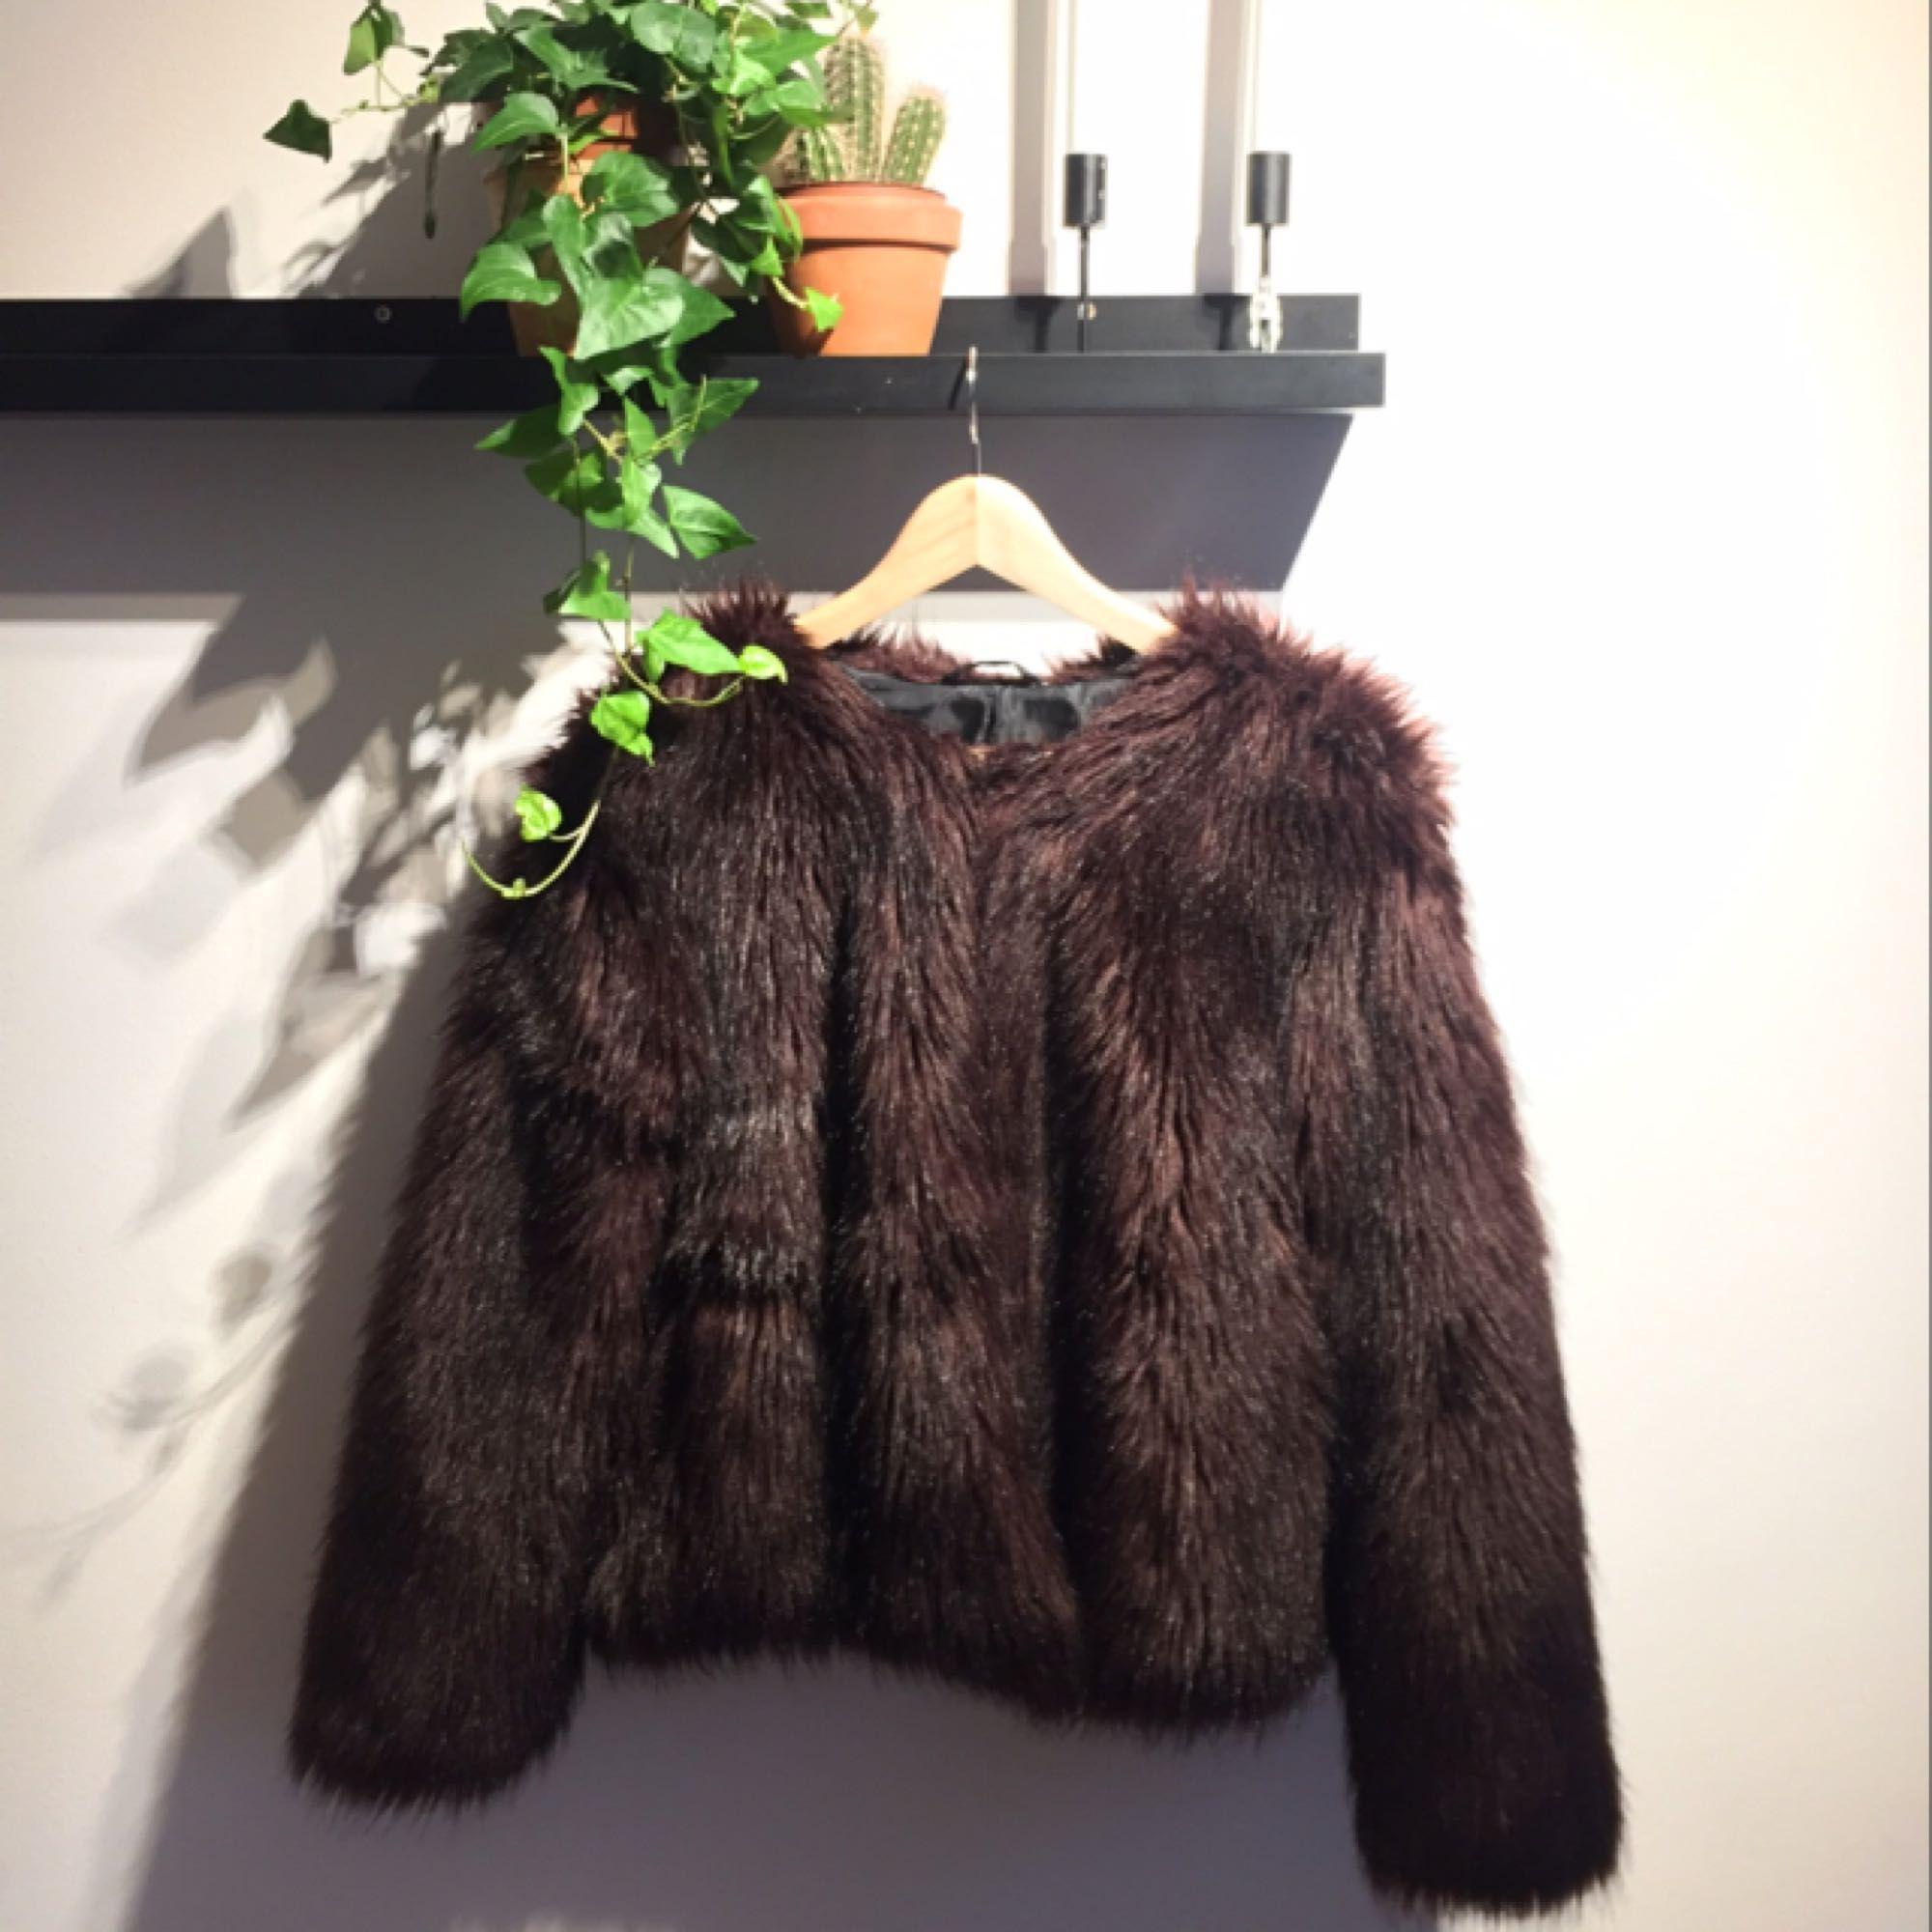 Klassisk fake fur jacka. I storlek 44 men är liten i storlek då jag vanligtvis är strl 40.  Ser helt ny ut och endast användts ett fåtal gånger. Perfekt över en snygg outfit!. Jackor.